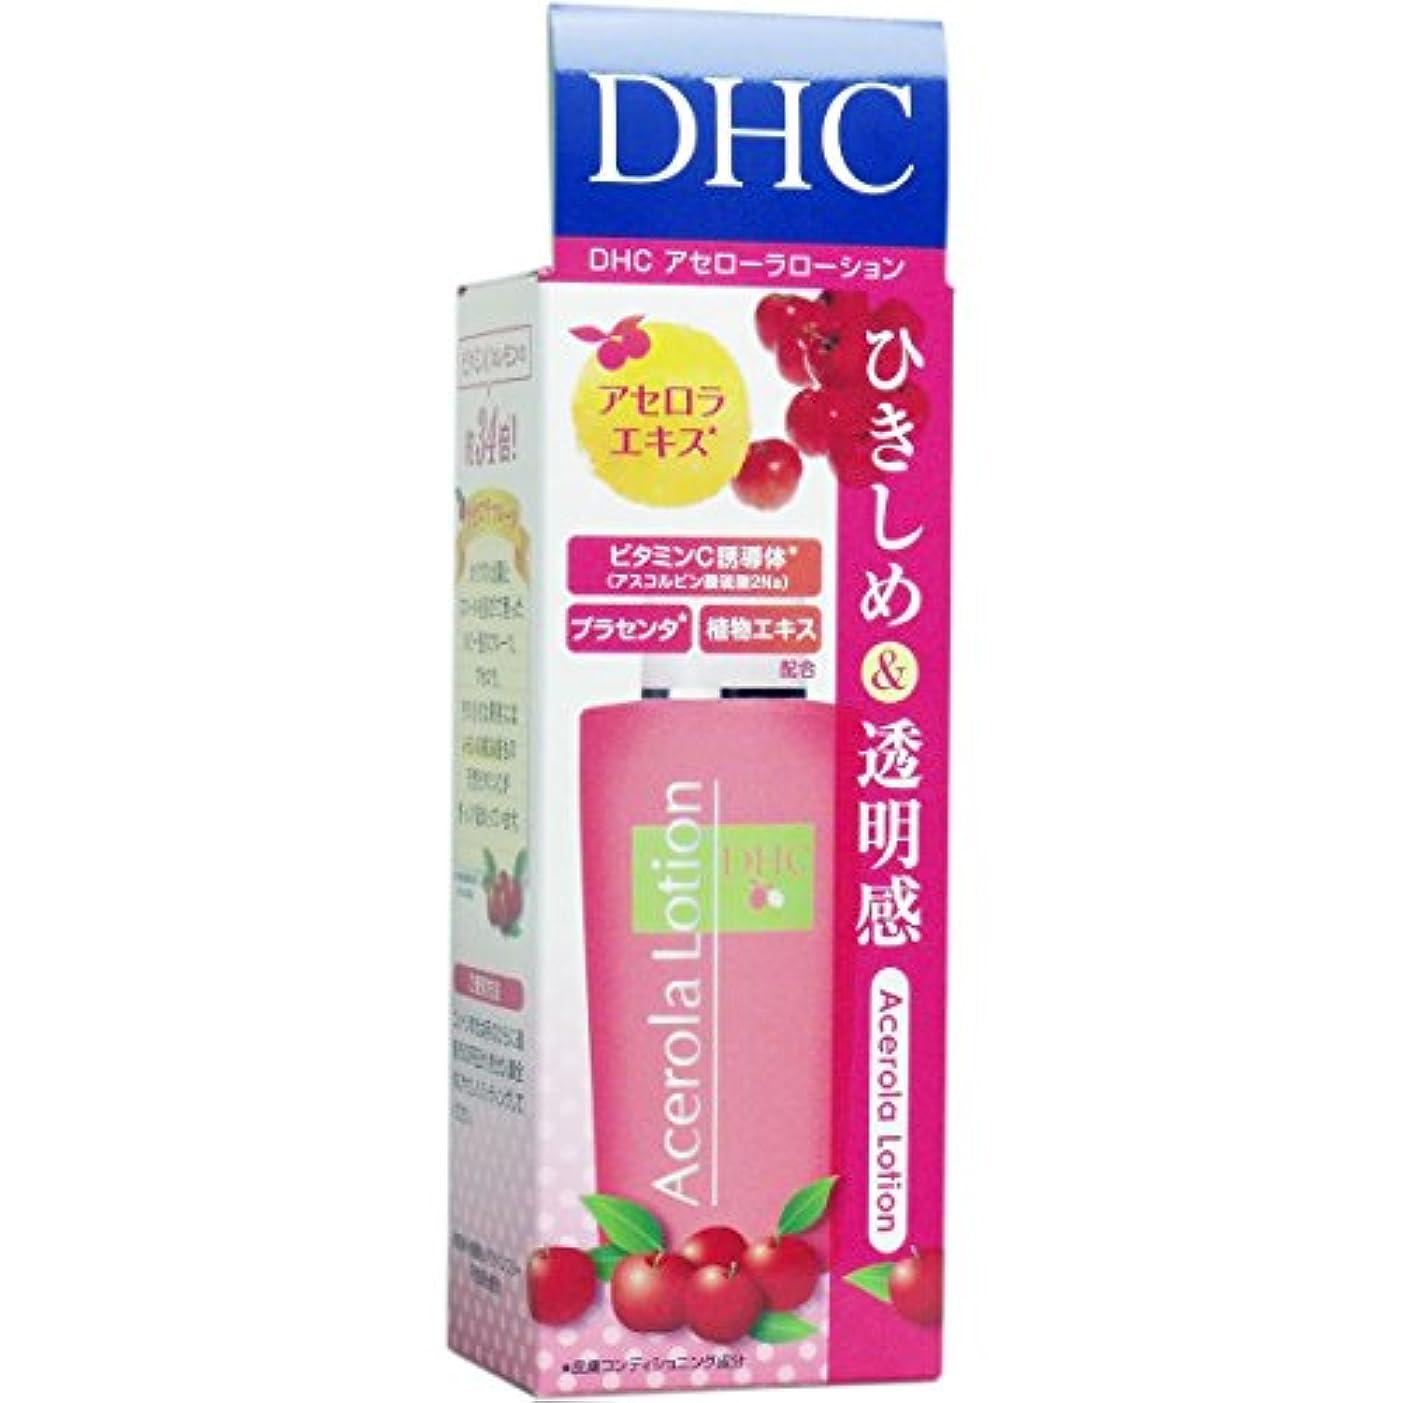 【DHC】DHC アセローラローション(SS) 40ml ×5個セット